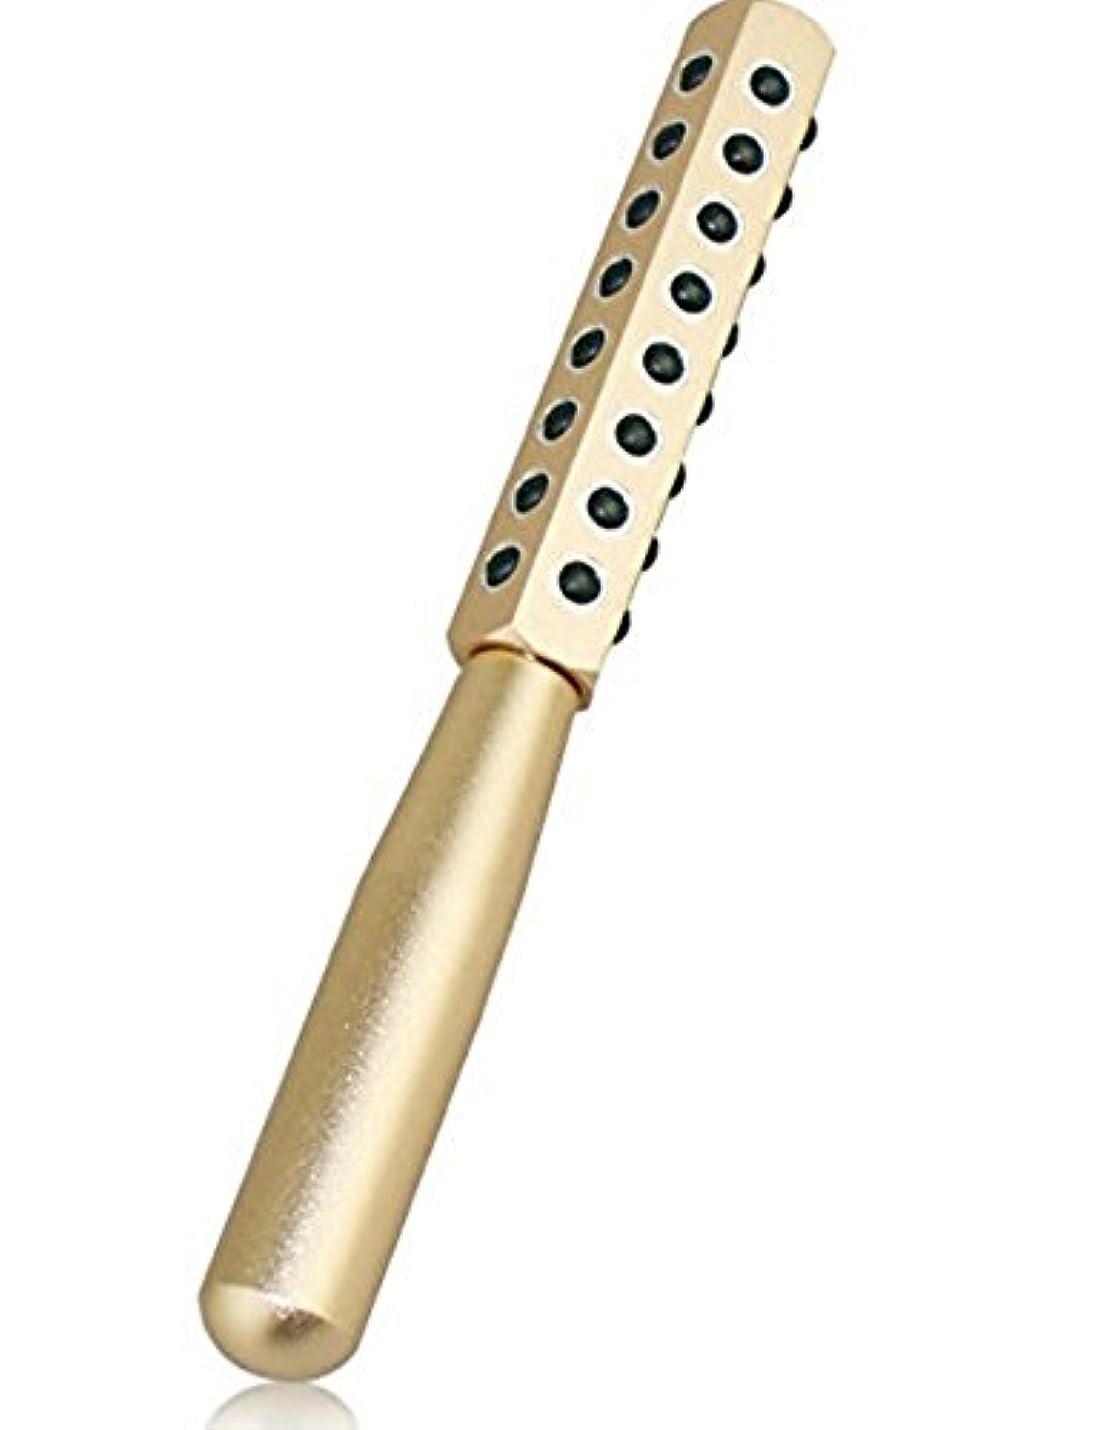 破裂ユーモア醸造所CREPUSCOLO ゲルマローラー 美顔器 美肌 ハリ ツヤ ほうれい線 純度99% ゲルマニウム粒子40粒/額 ほほ 目じり あご~首すじ デコルテ 二の腕 手の甲 気になるところをコロコロ ゴールド シルバー (ゴールド)